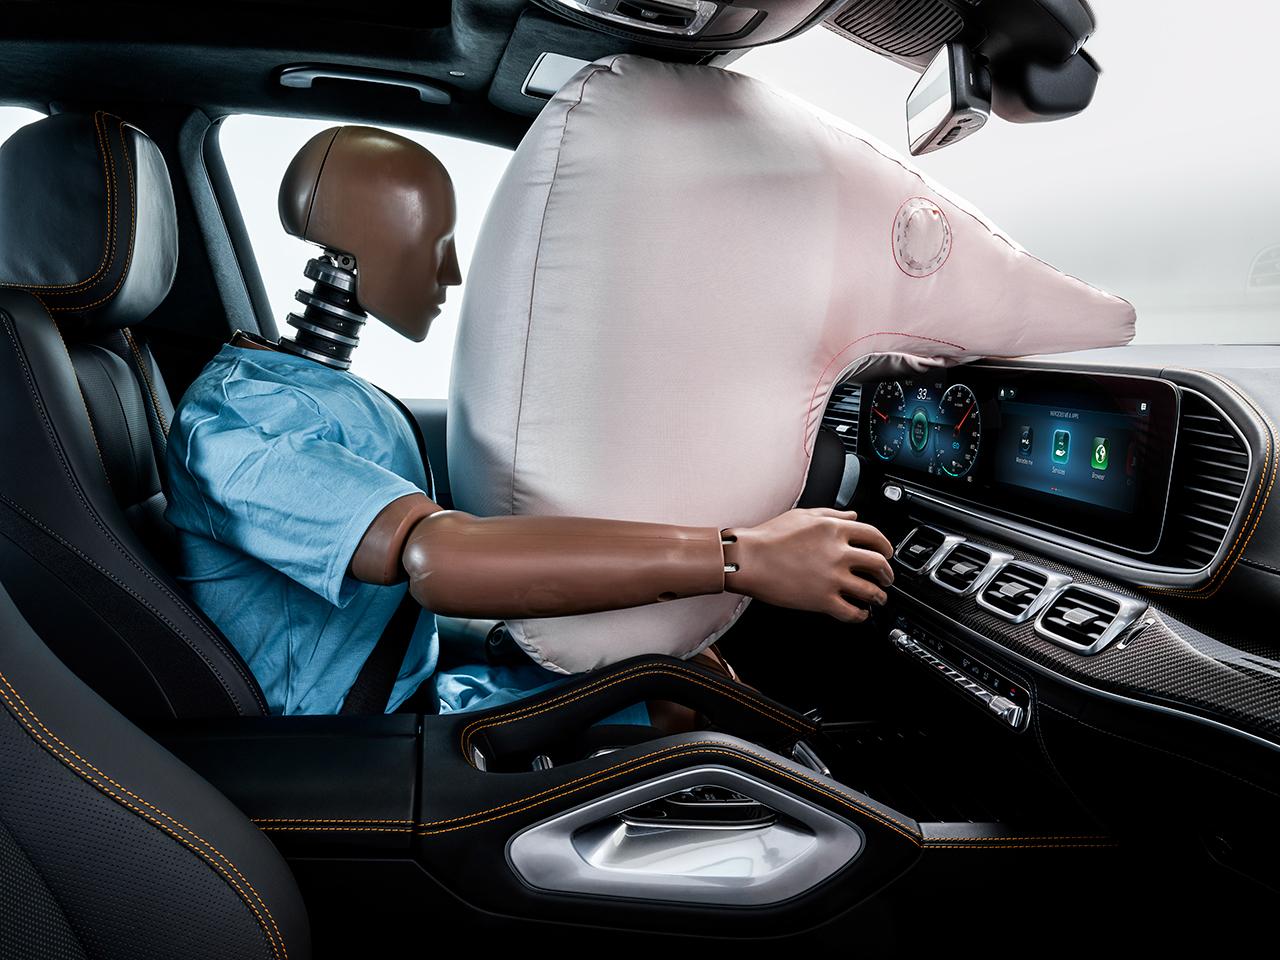 汽车变身电子警察?解读奔驰ESF2019黑科技